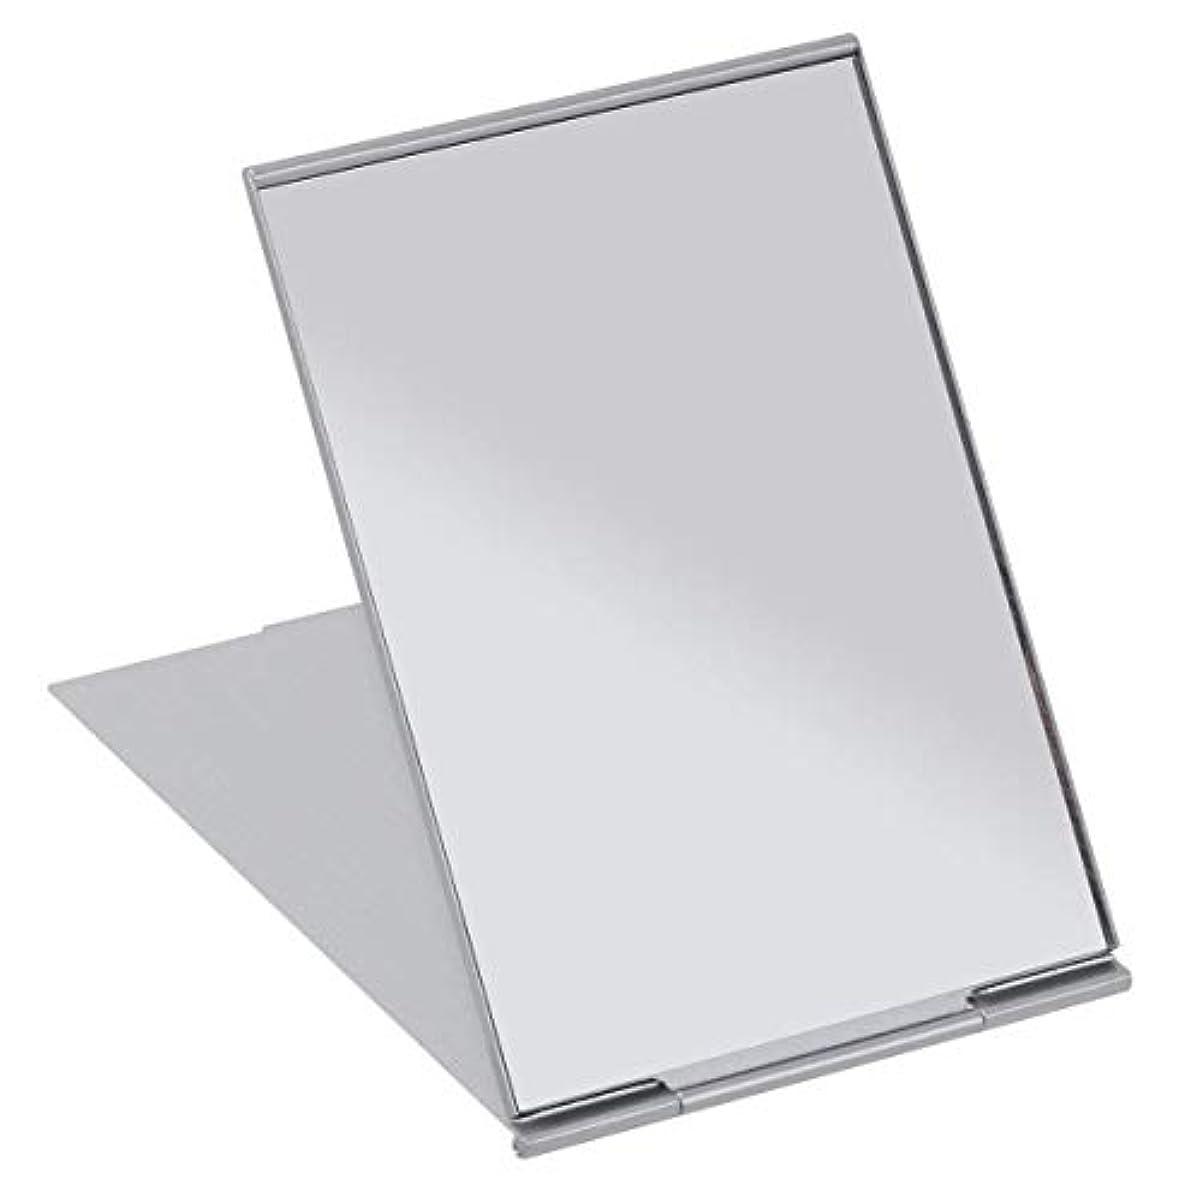 結核北残り物SALOCY コンパクトミラー モデル折立ミラー 化粧鏡 携帯ミラー 11.5*8cm 持ち運びに便利